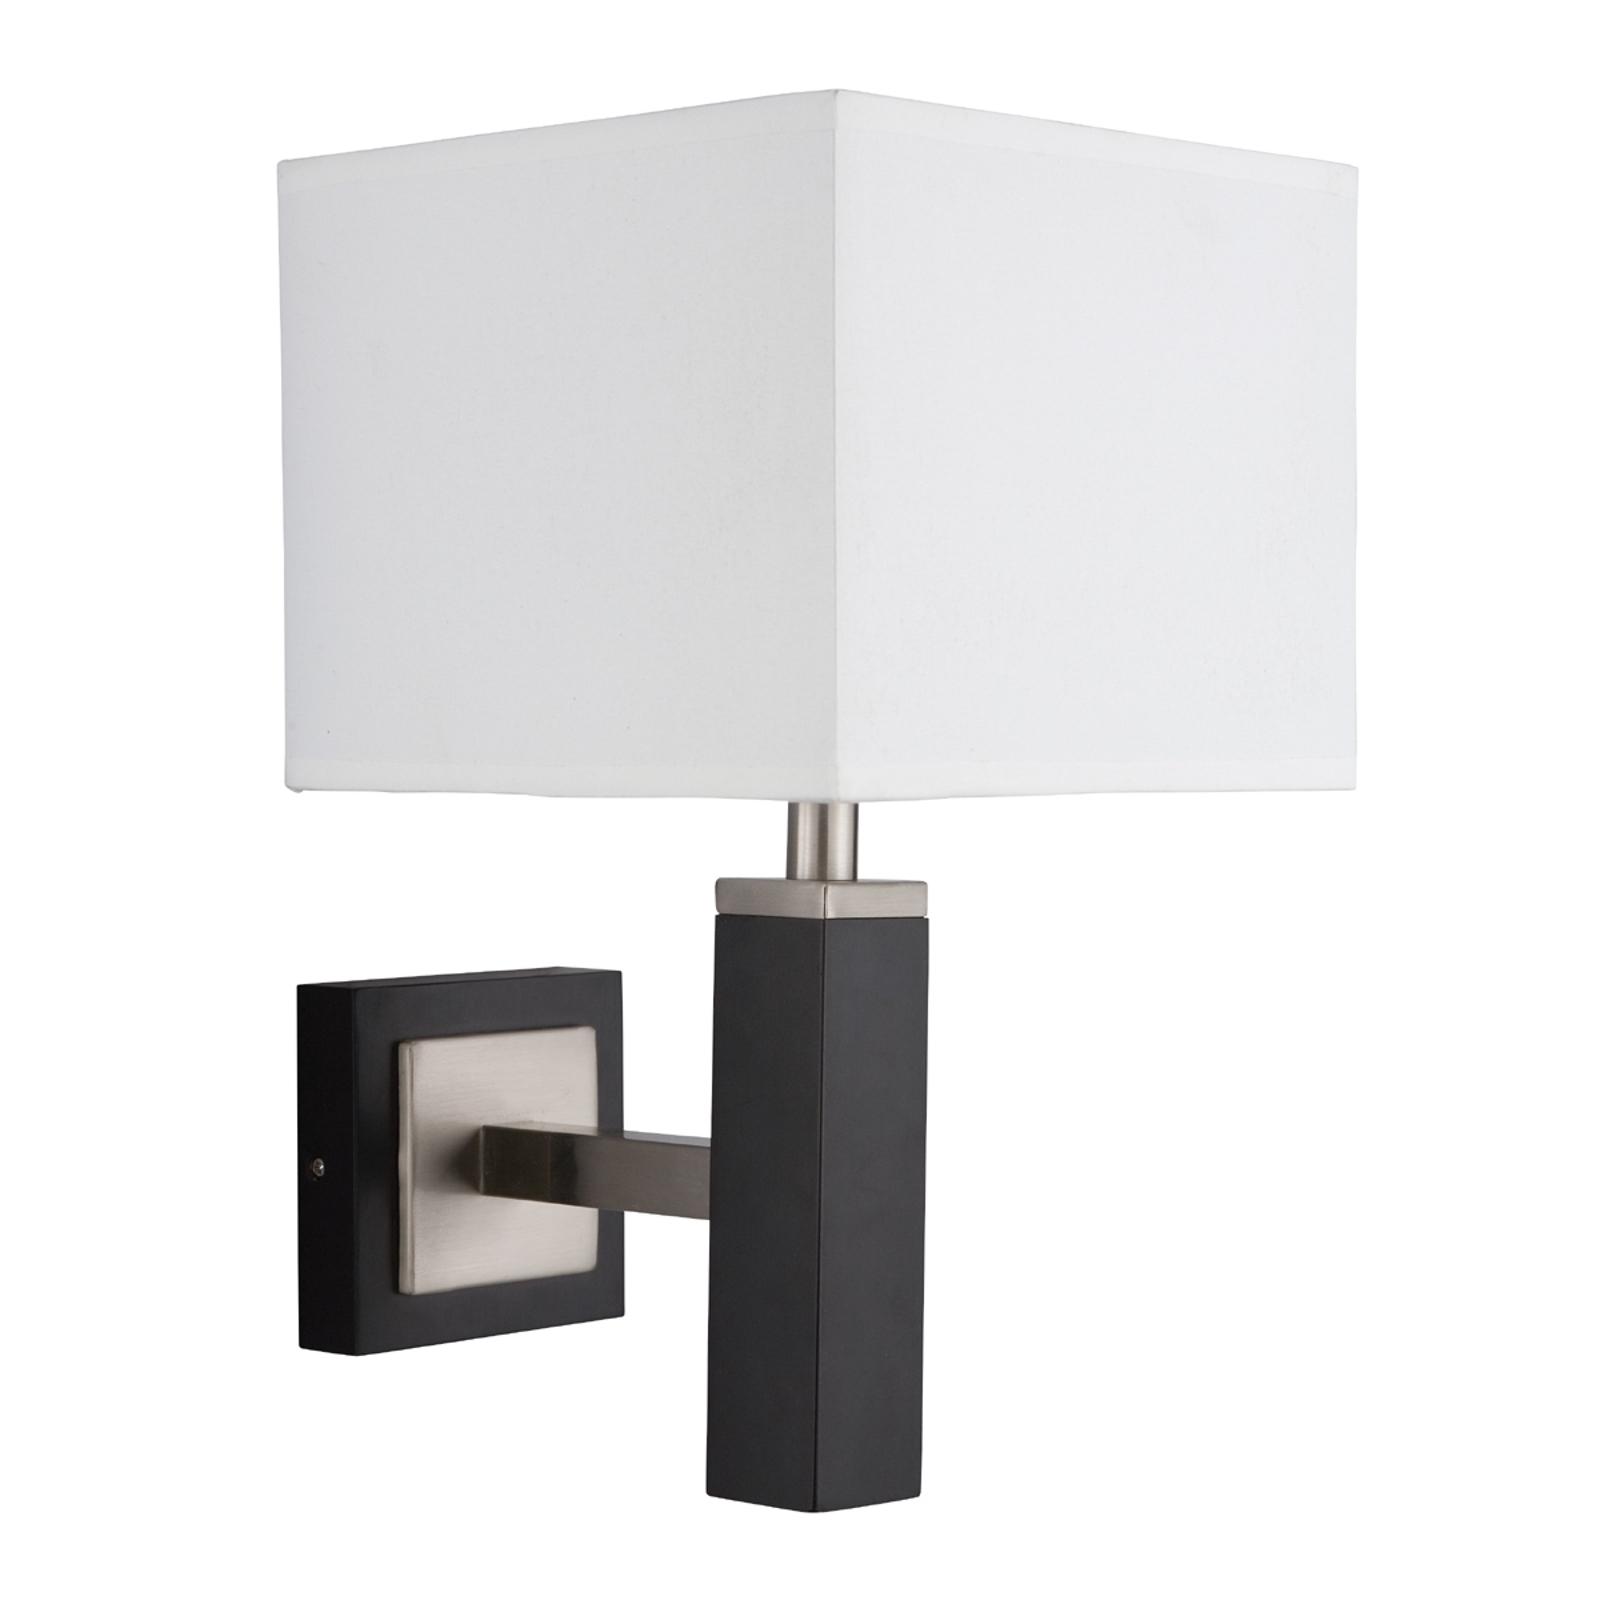 WAVERLEY- wandlamp met witte kap